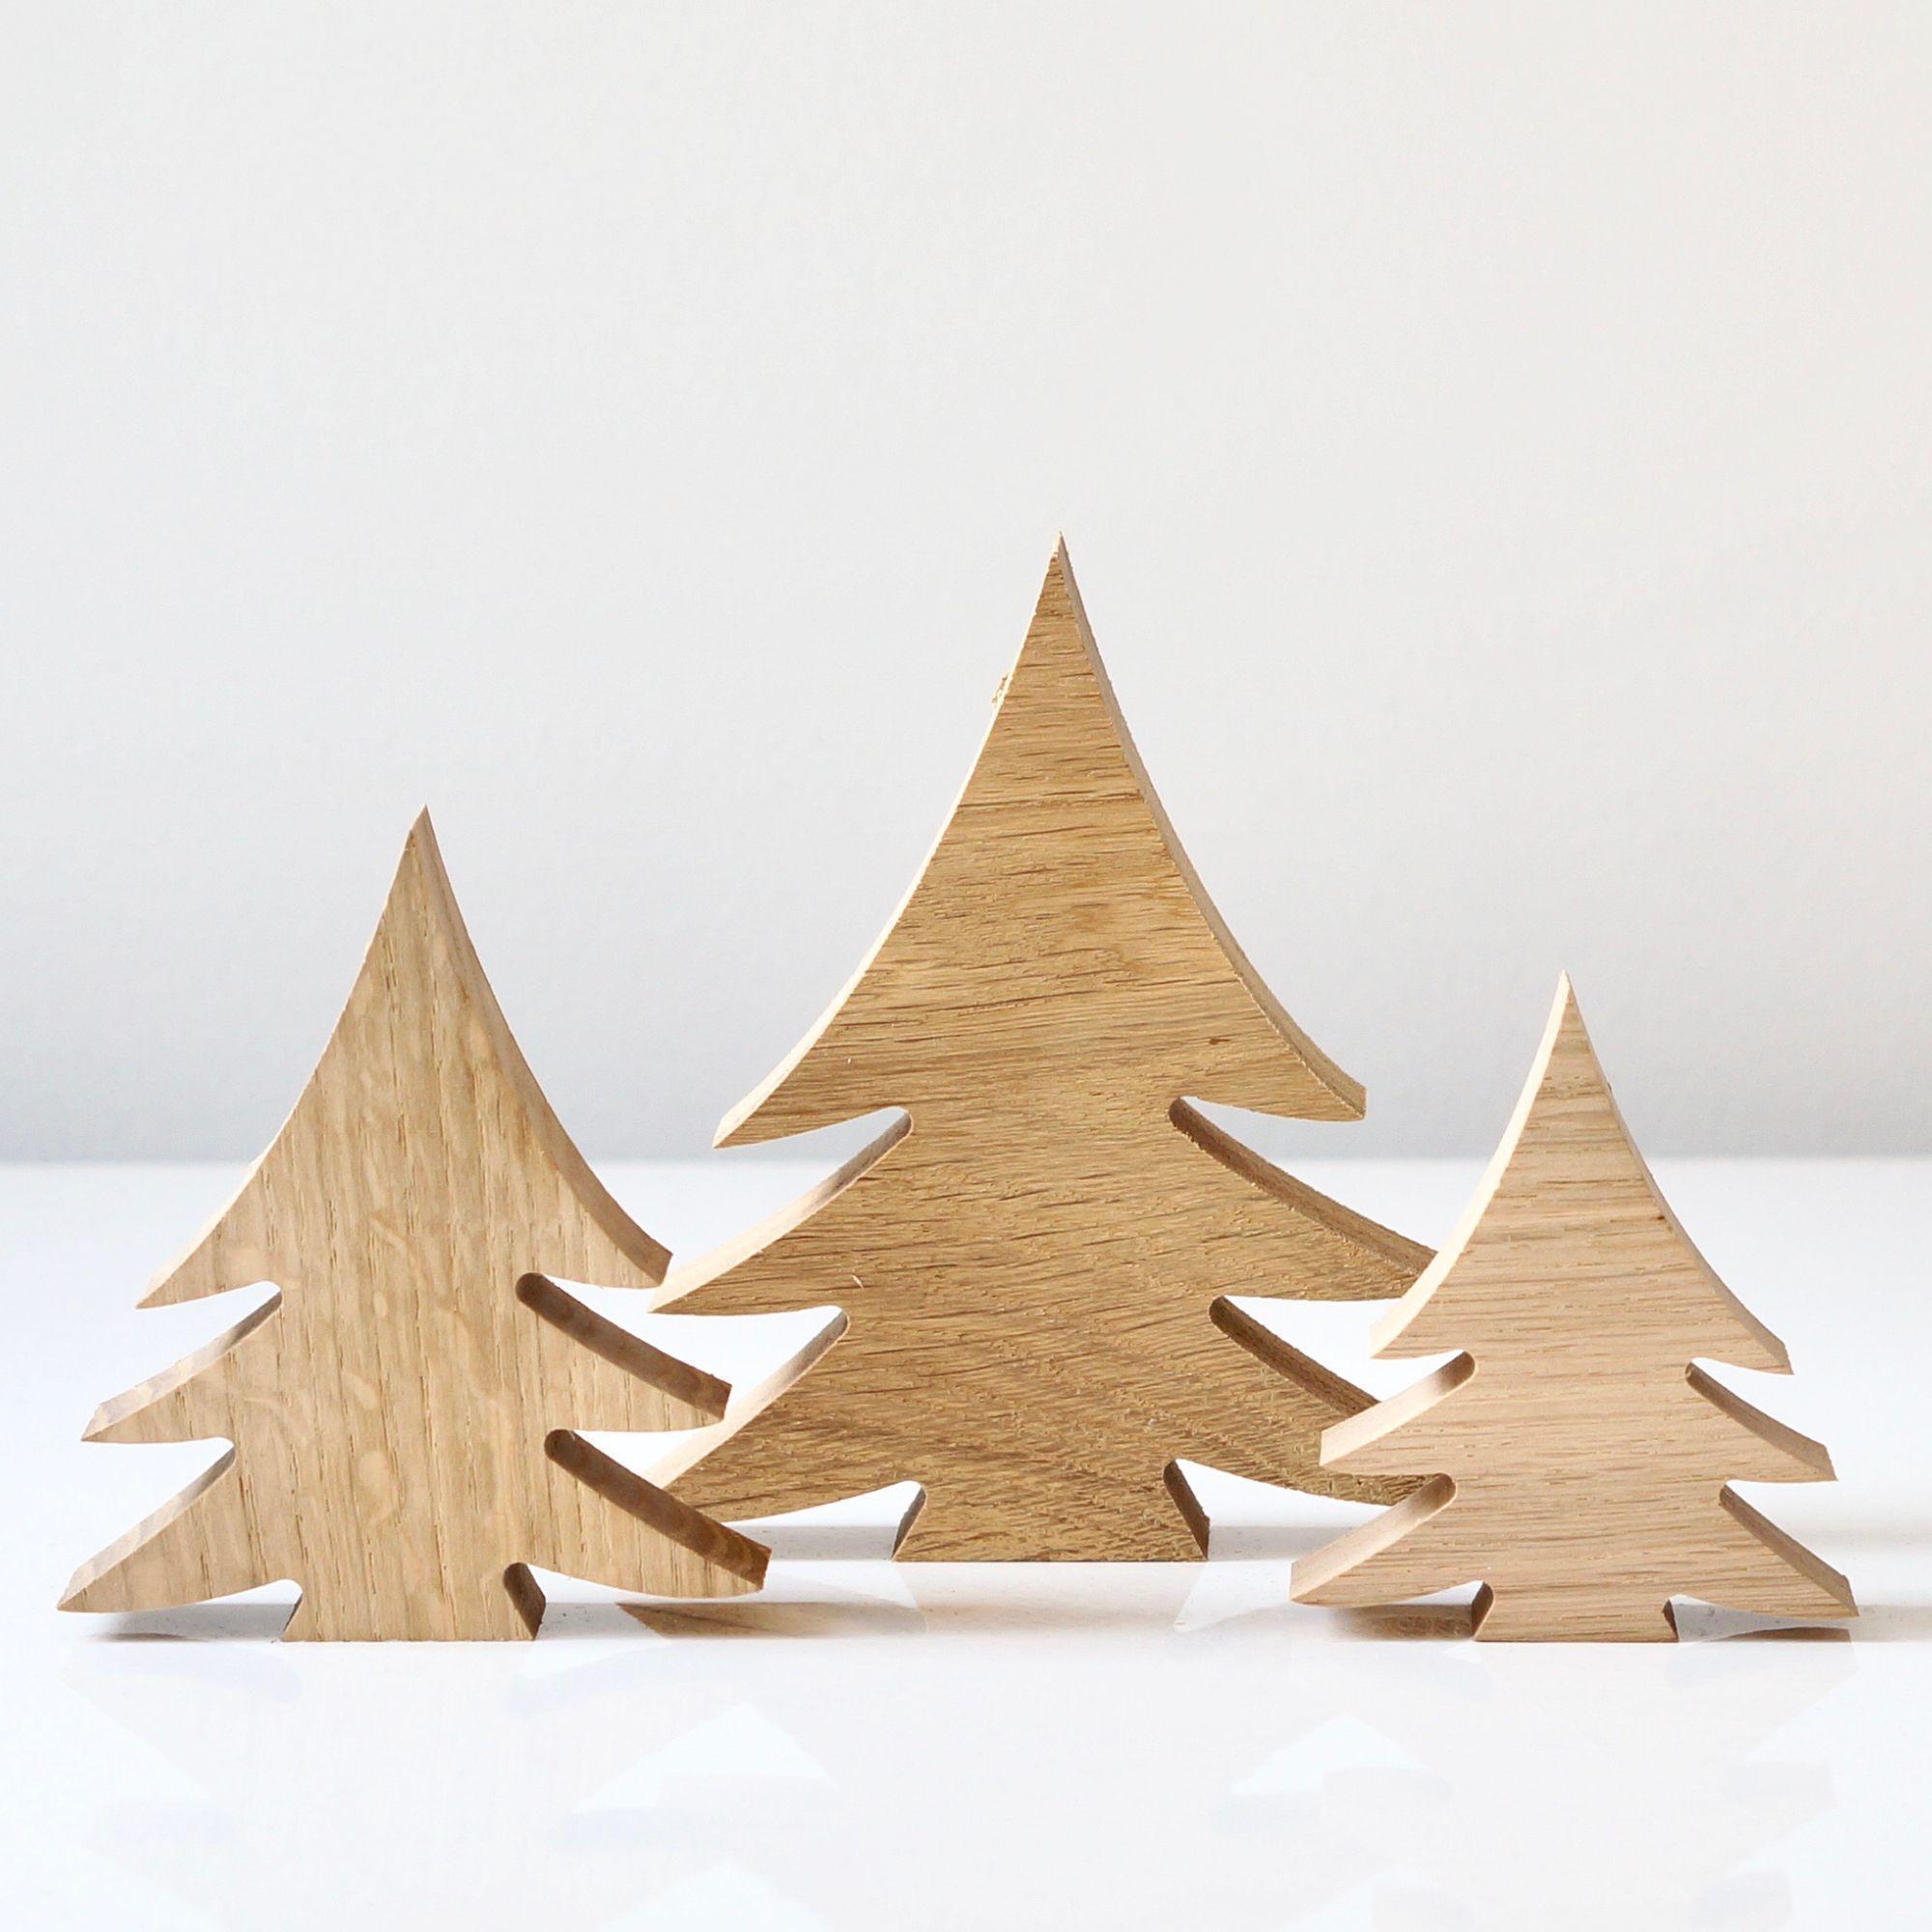 Weihnachtsdeko Holz (Eiche massiv) Du bist noch auf der Suche nach der passenden Weihnachtsdeko für Dein zu Hause? Wie wärs mit diesen schlichten Tannenbäumen aus Holz? Holztanne, Weihnachtsdeko, Tannenbaum aus Holz, Weihnachtsdeko Holz, Massivholz, Eiche massiv, Holzdeko rustikal, Weihnachtsdeko rustikal, Holzfigur, Tischdecke Weihnachten, Tischdeko Winterhochzeit, Wichtelgeschenk, Weihna #rustikaleweihnachtentischdeko Weihnachtsdeko Holz (Eiche massiv) Du bist noch auf der Suche nach der pa #rustikaleweihnachtentischdeko